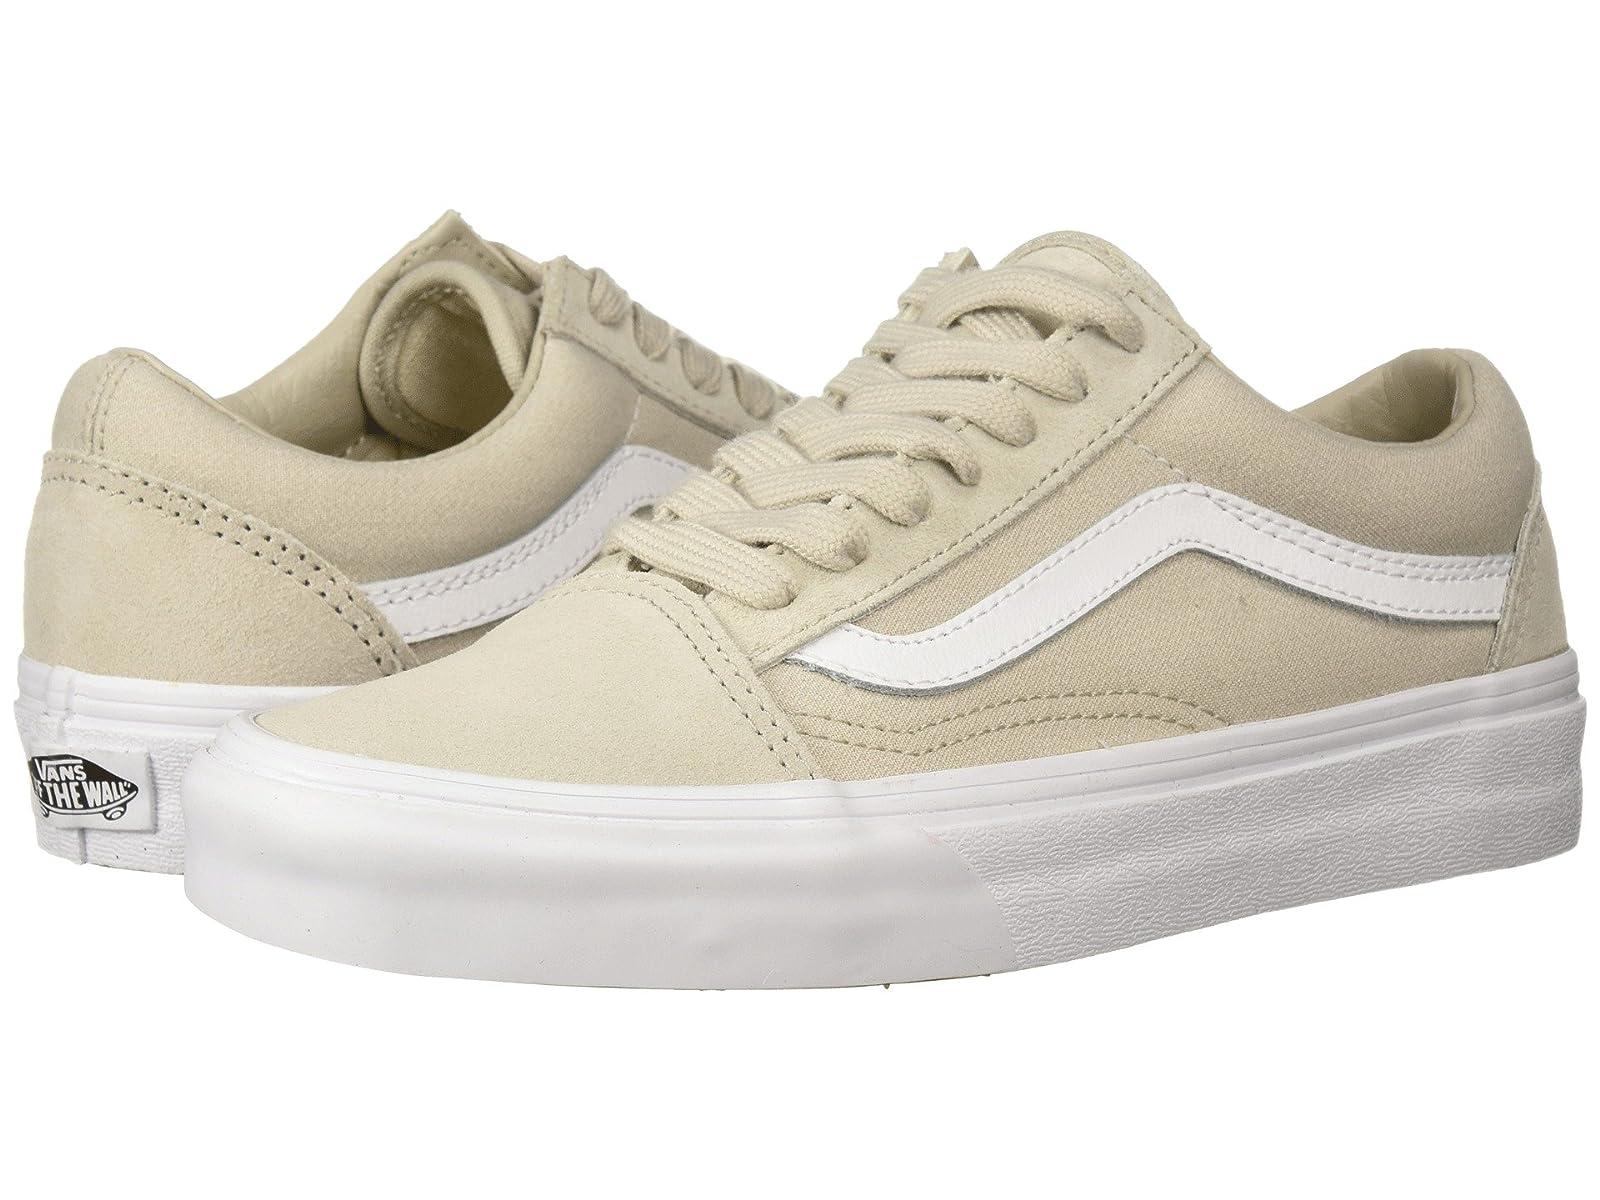 Vans Old Skool™Atmospheric grades have affordable shoes